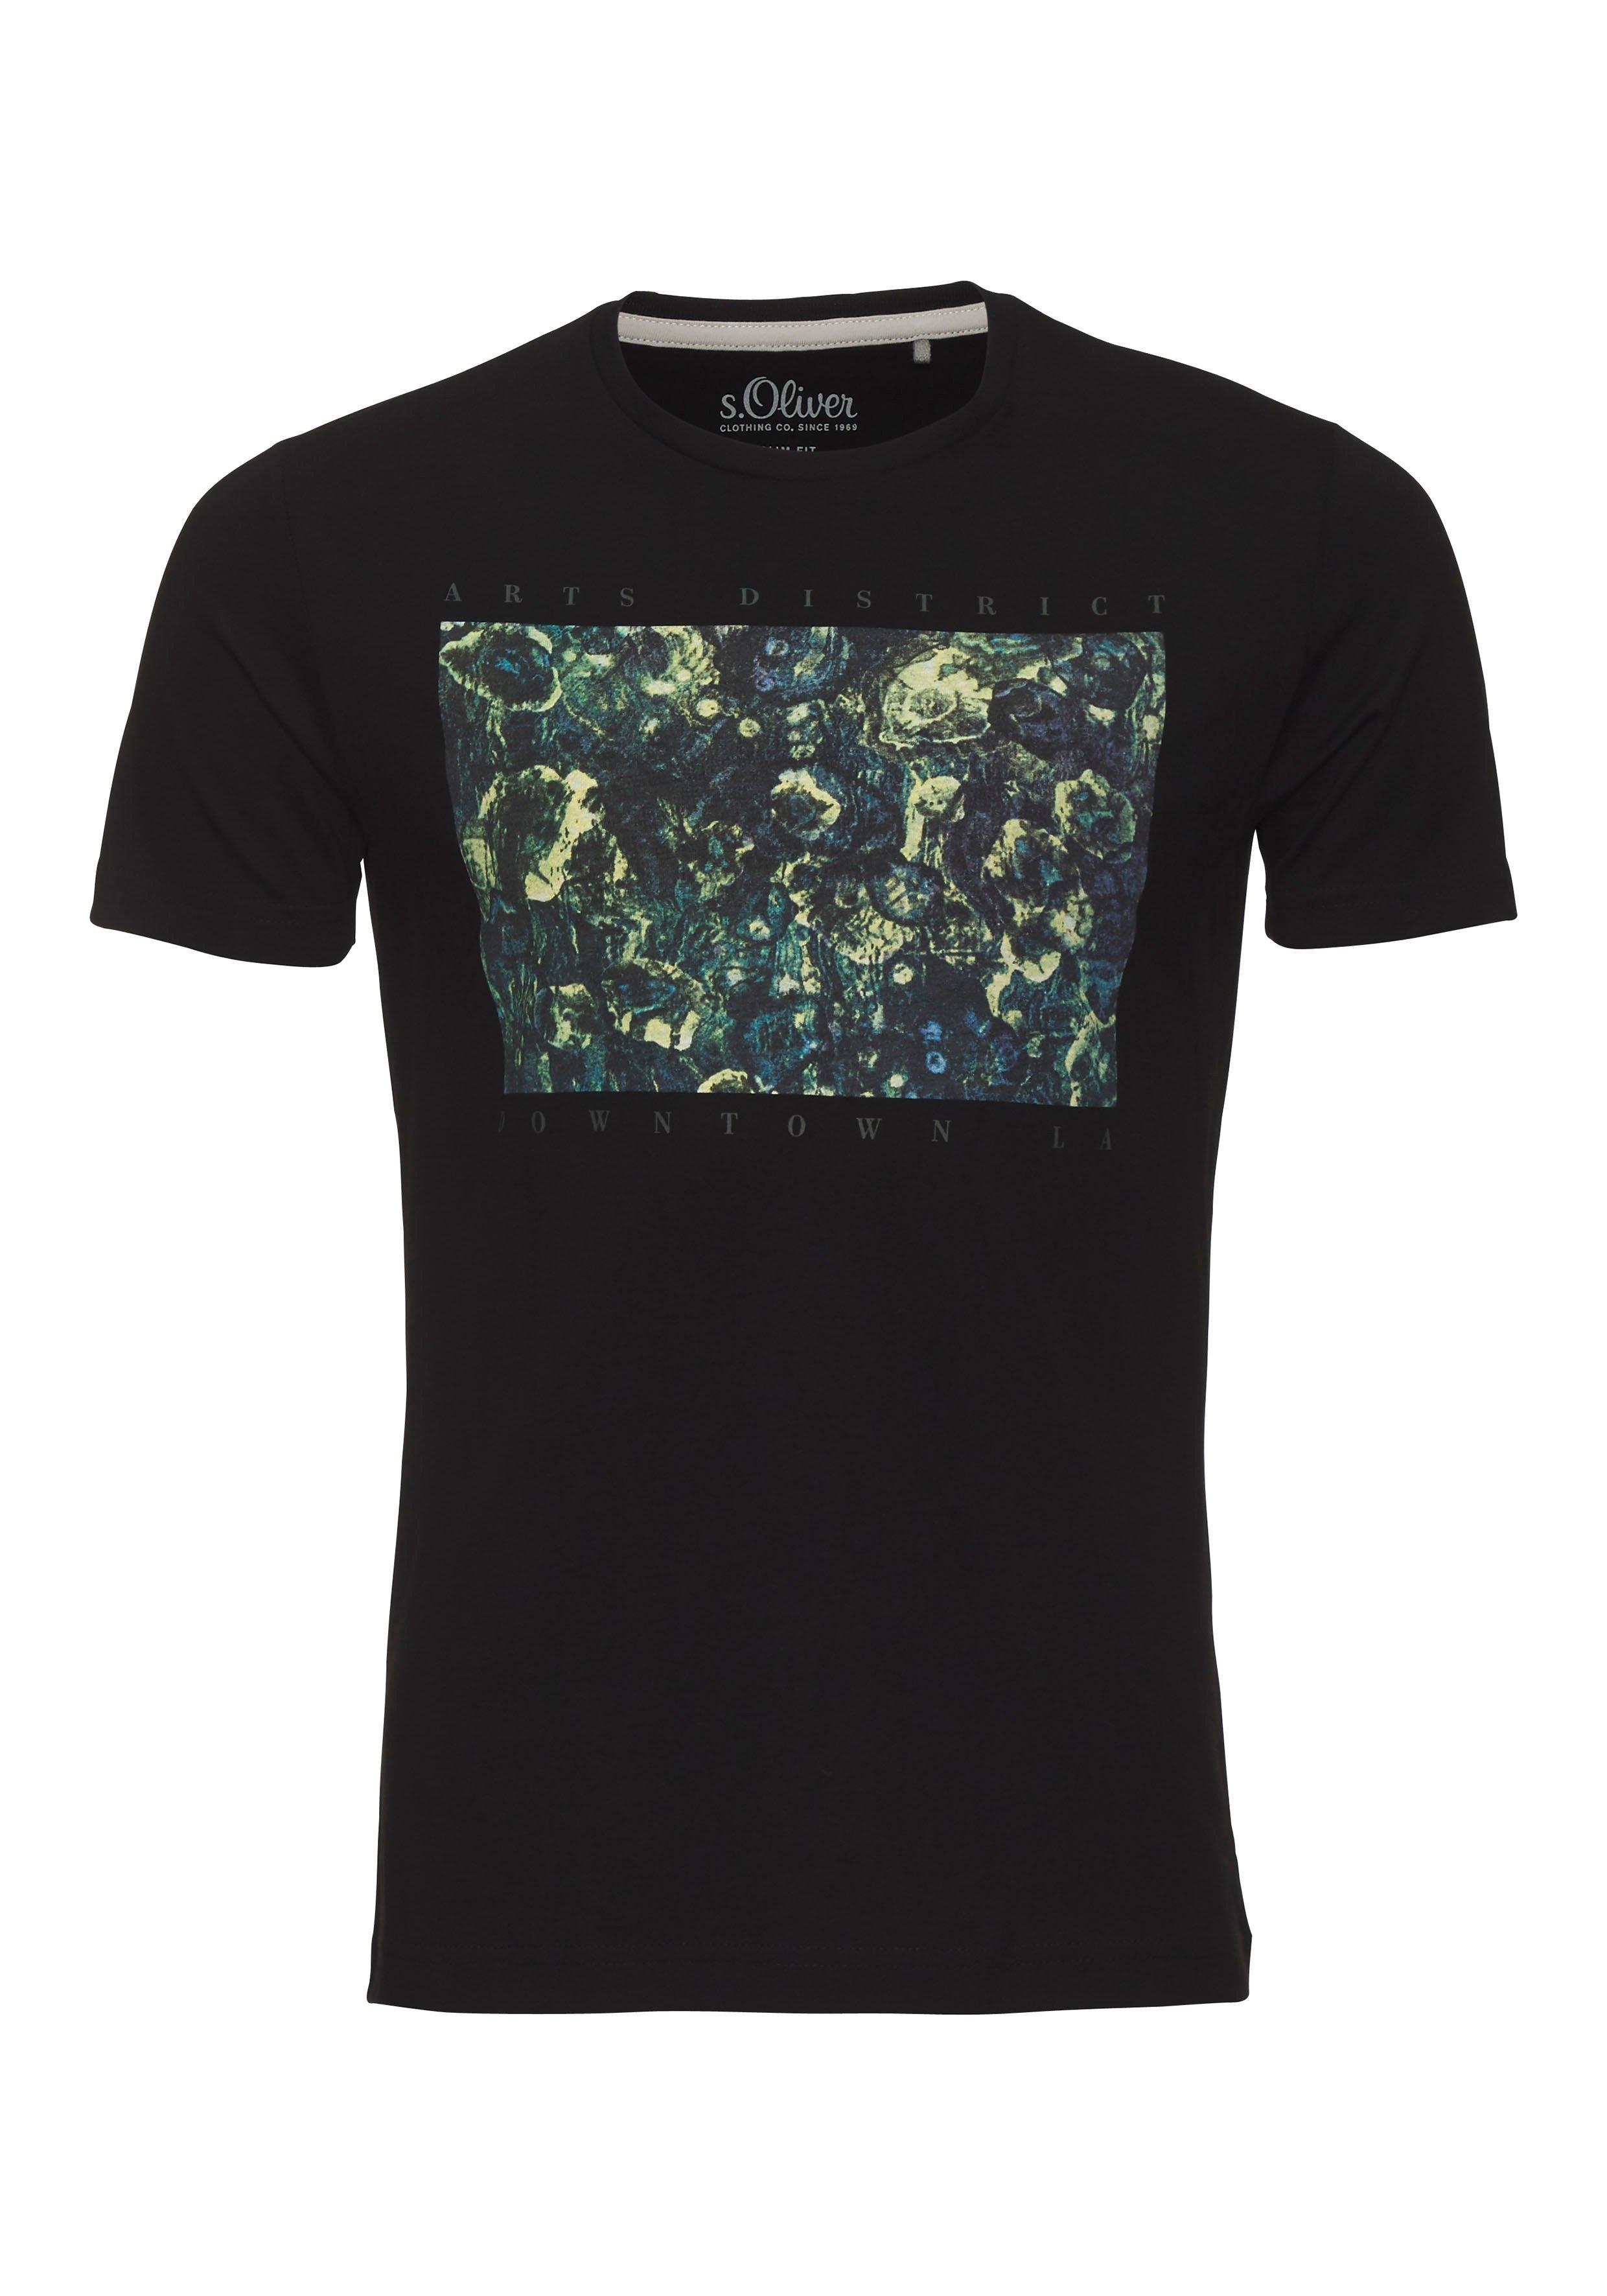 s.Oliver T-shirt met frontprint goedkoop op otto.nl kopen